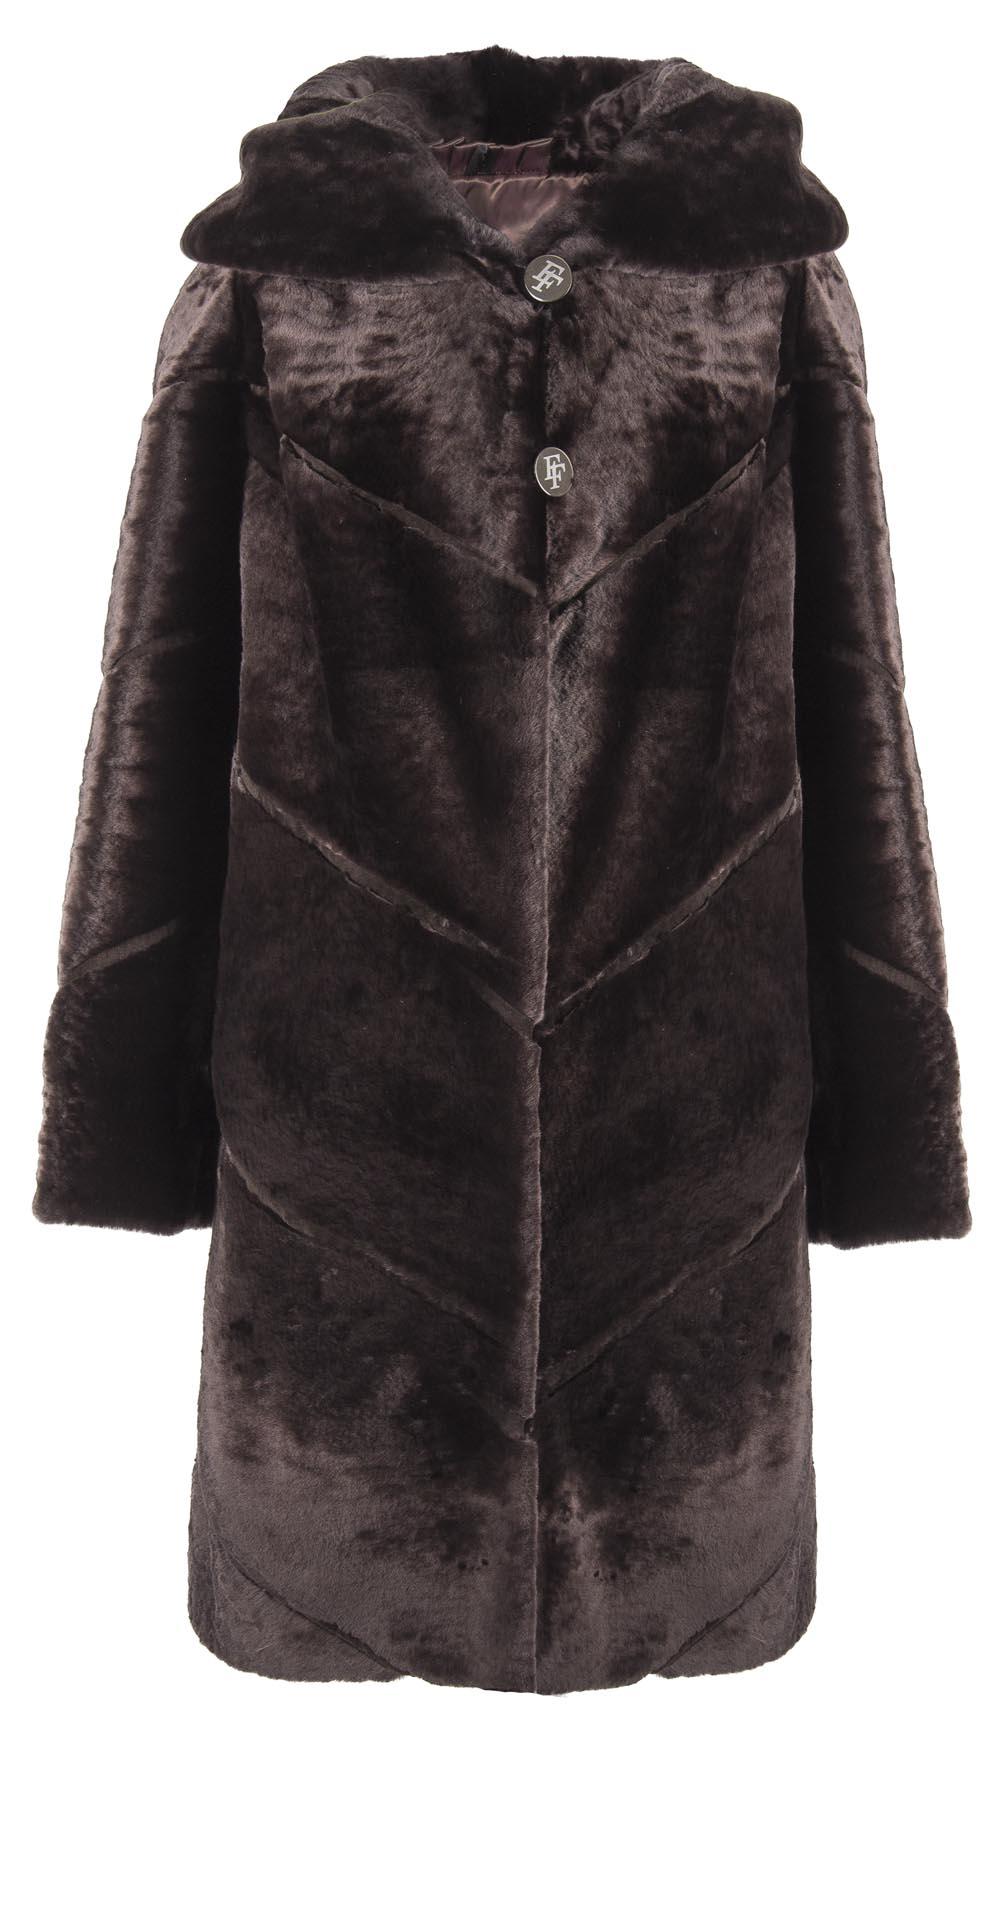 Пальто детское из мутона, цвет: Жёлтый - купить за 9900 в магазине - Гипермаркет меха